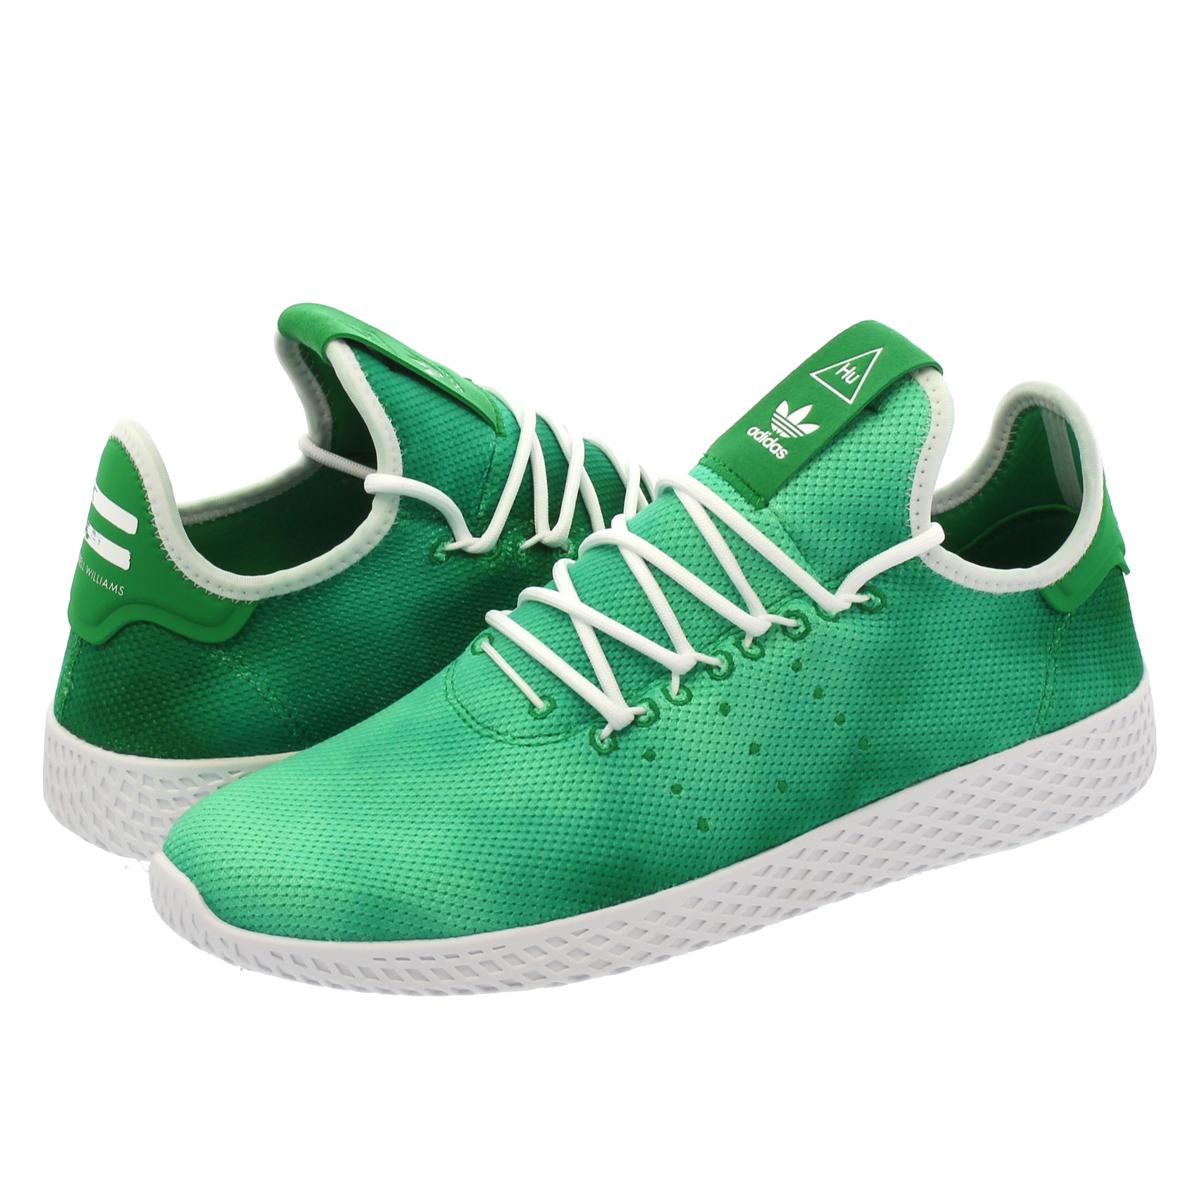 Lowtex Grande Piccolo Negozio Hu Rakuten Mercato Globale: Adidas Pw Hu Negozio Holi ed258f